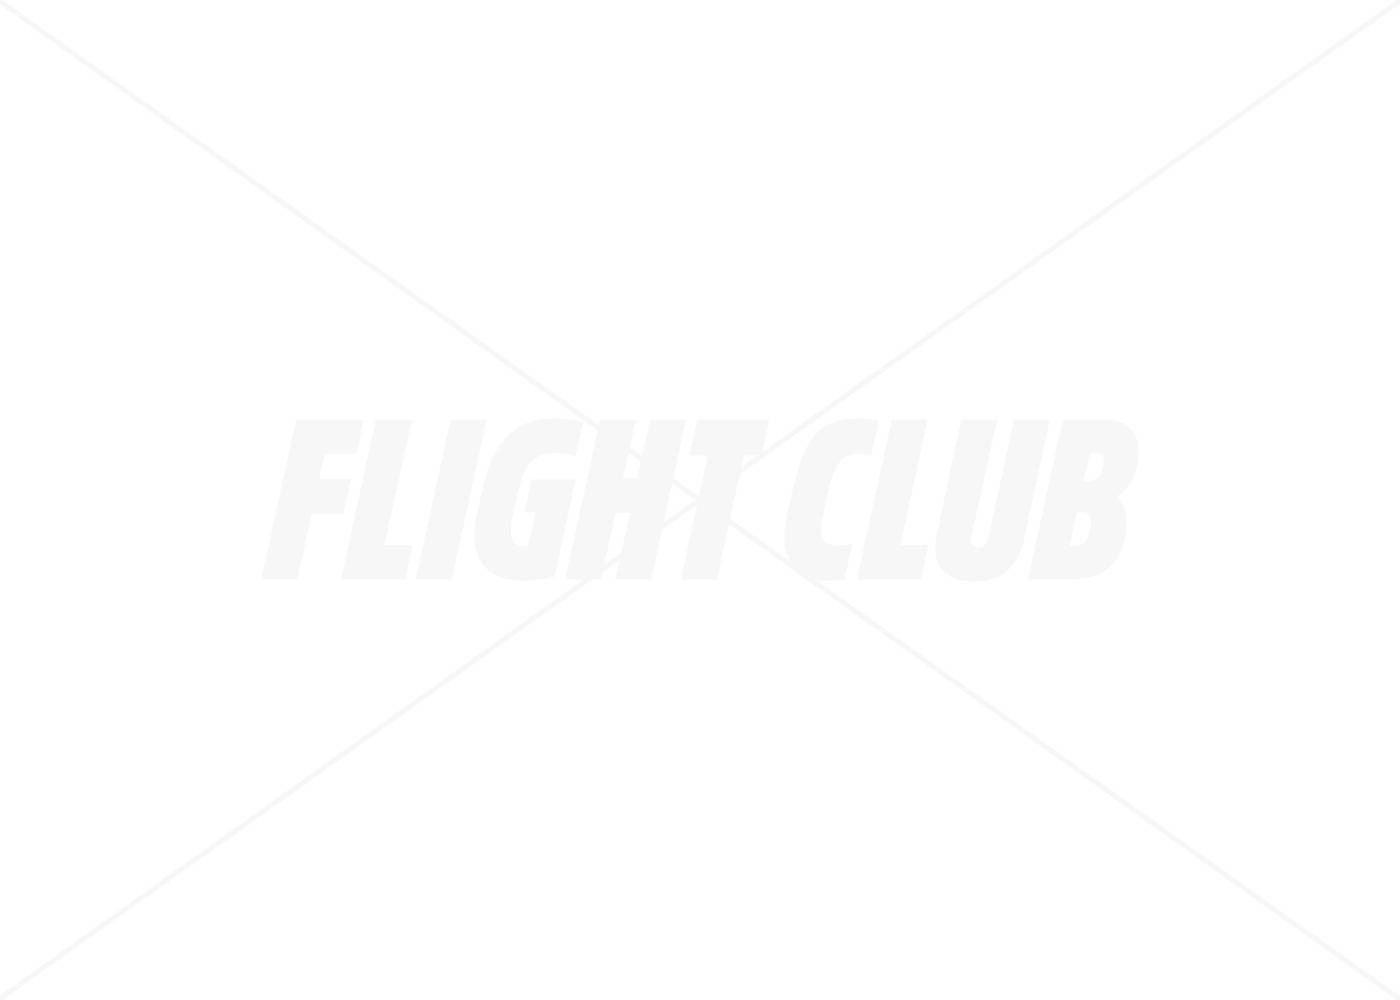 Air Jordan 1 Retro Hi Equipo Universitario De Primer Foamposite Roja sneakernews en línea muchos estilos aclaramiento comercializable 9pT8LJo